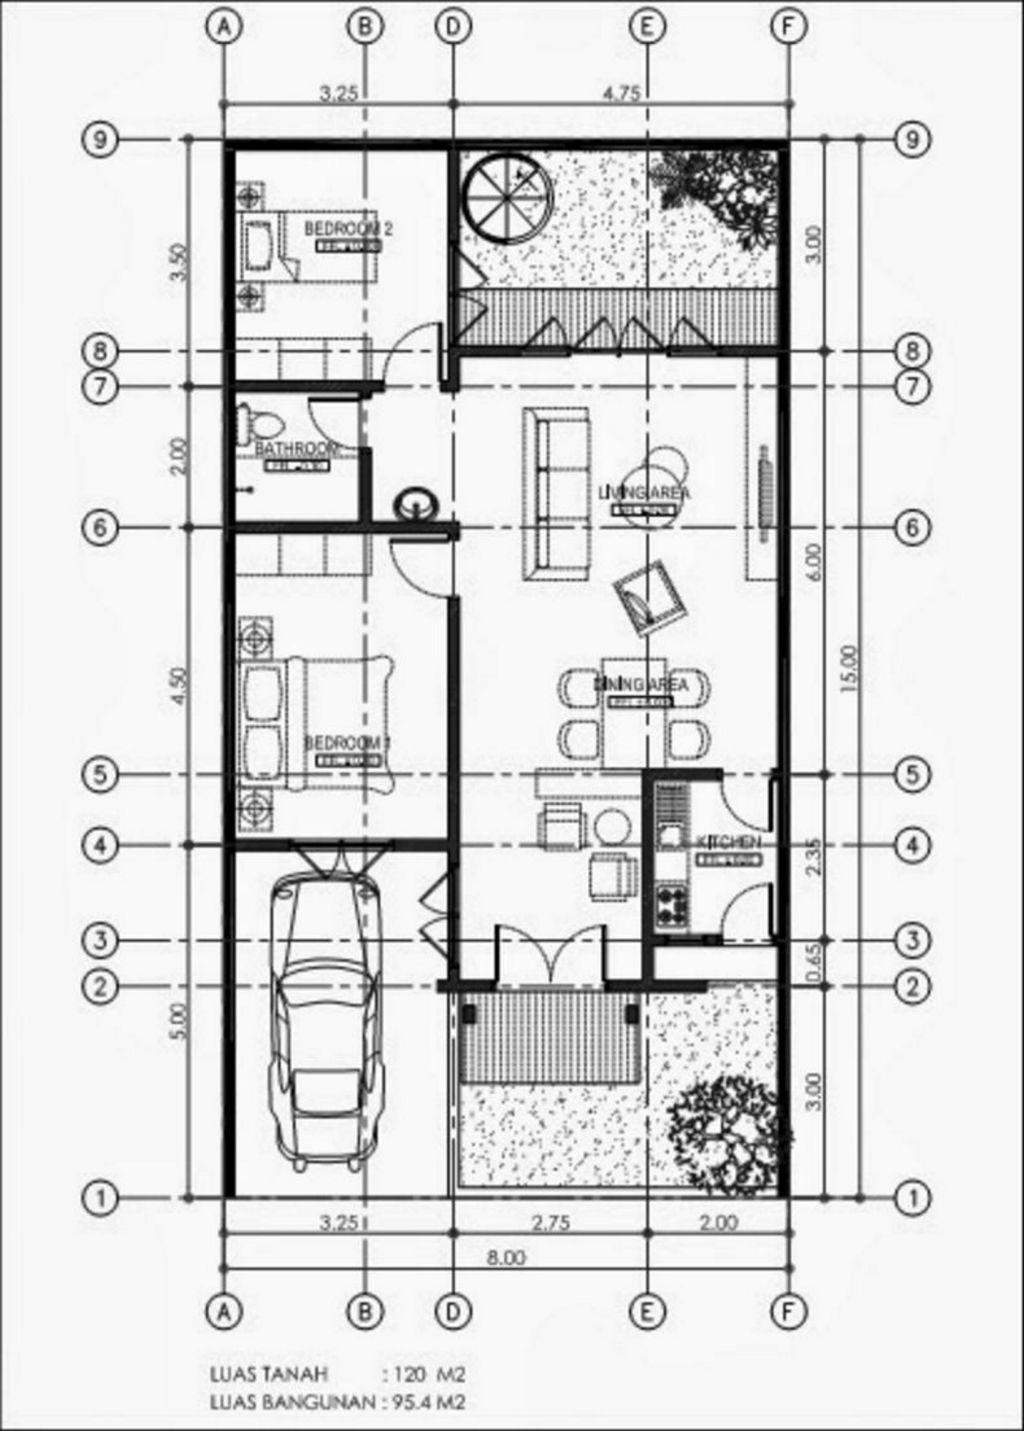 Desain Denah Rumah 8x15 Minimalis